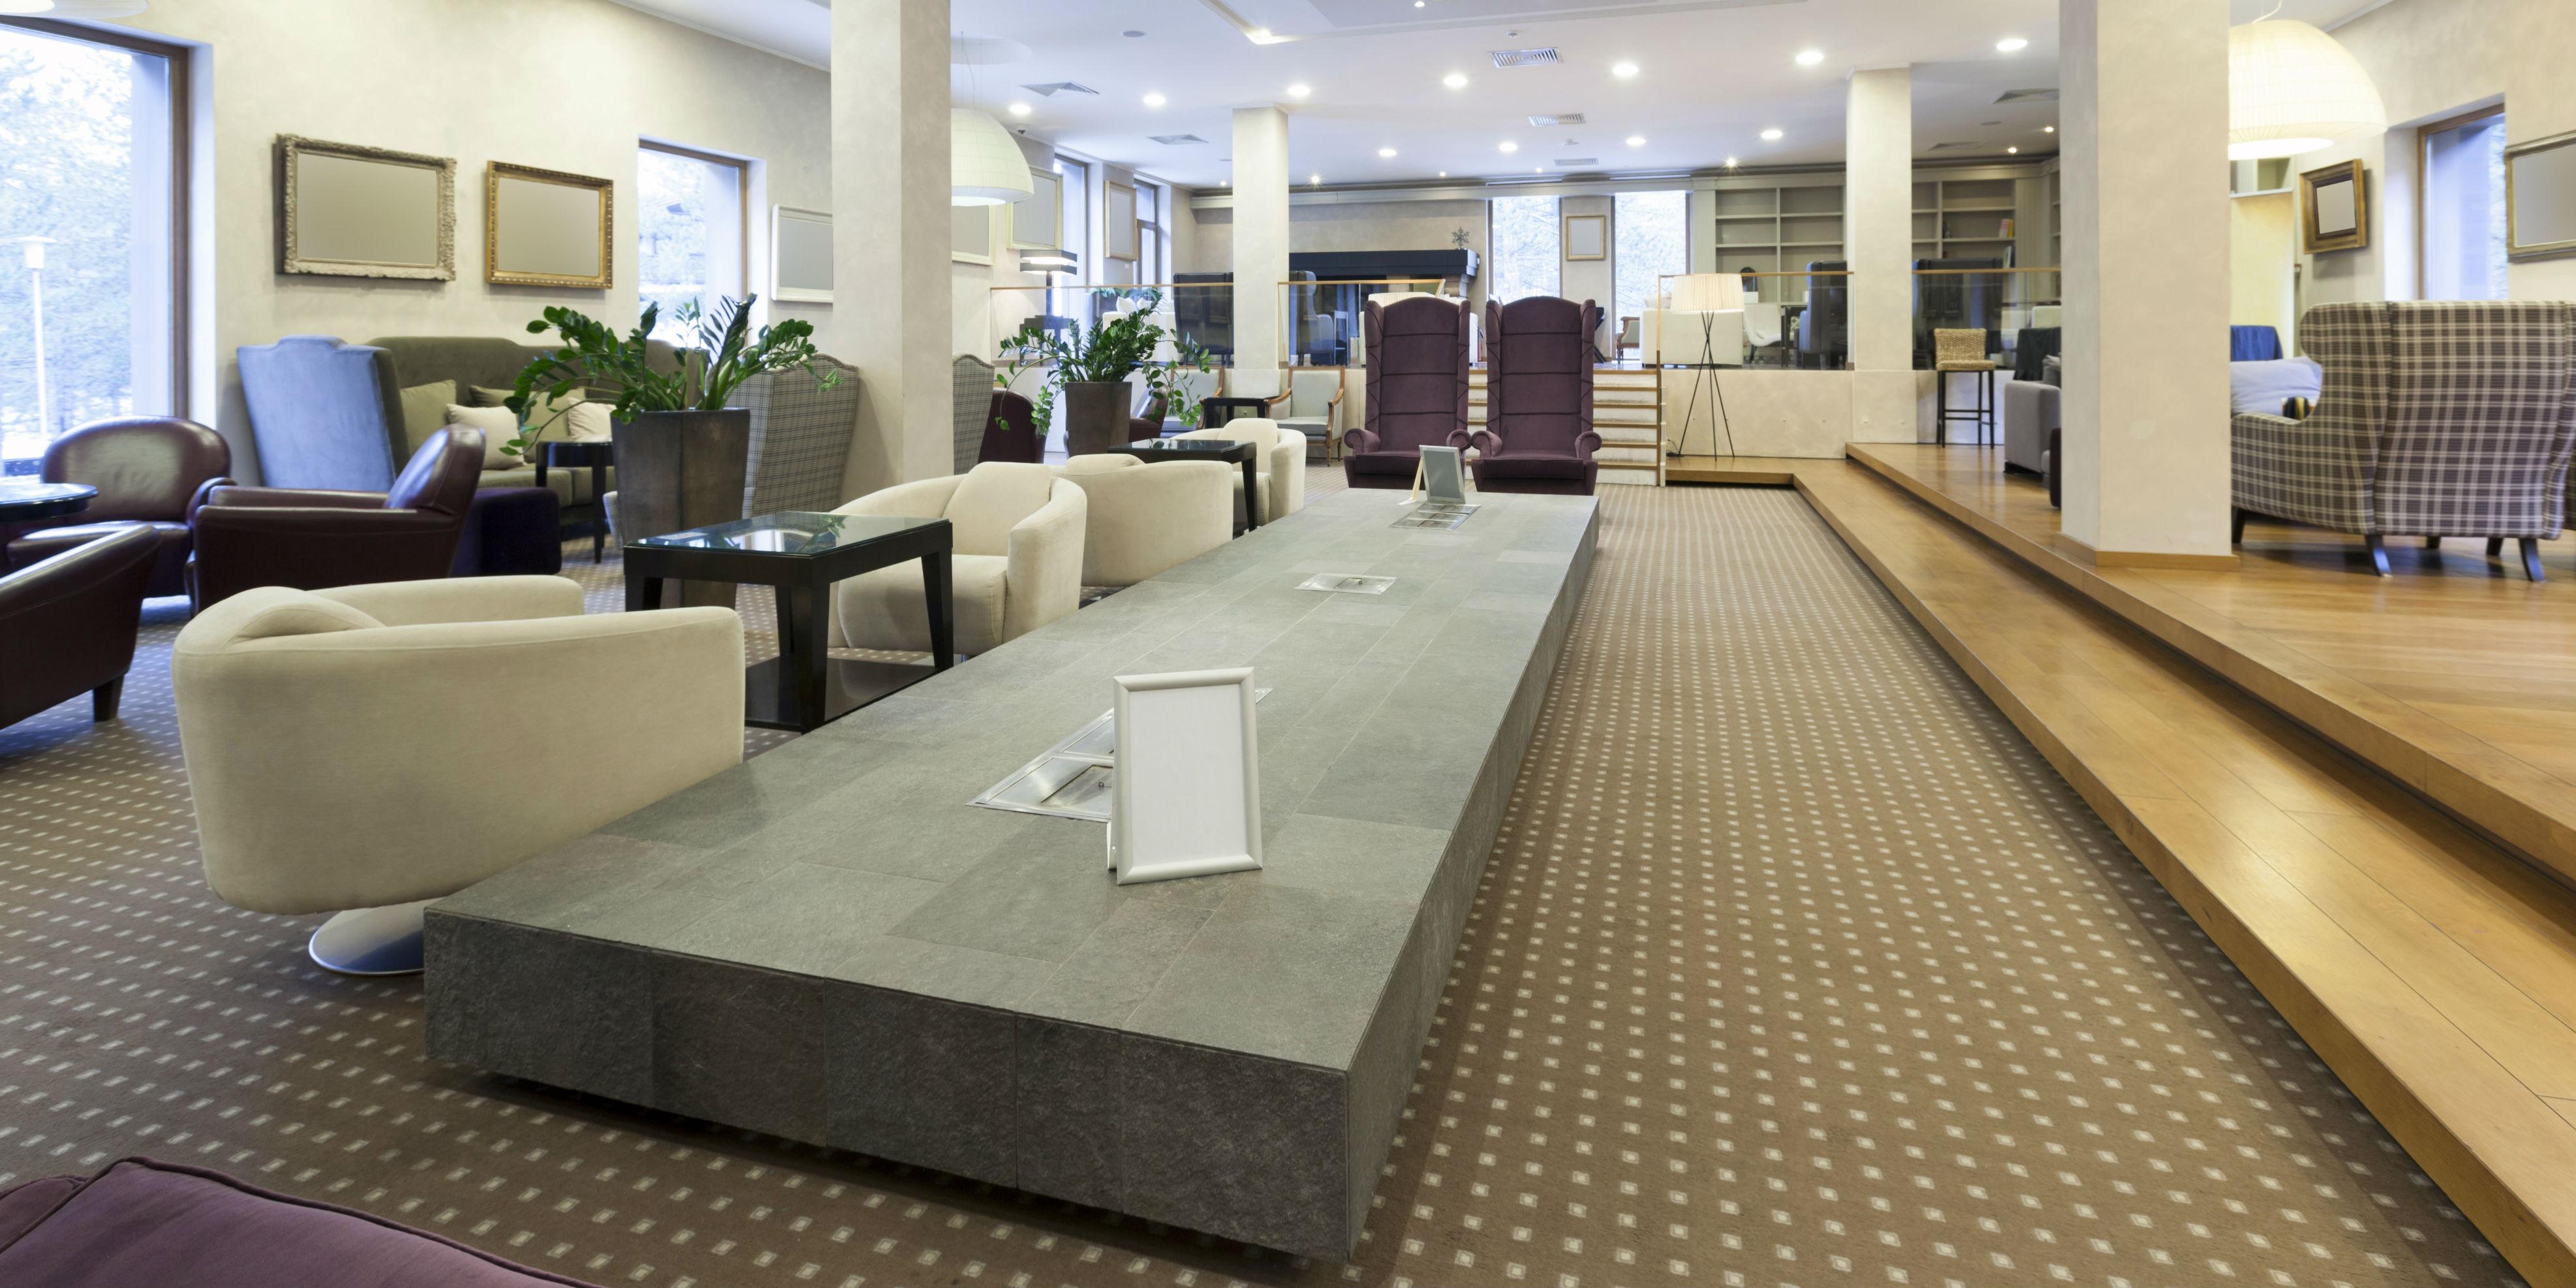 Nettoyage de meubles, tapis et carpettes